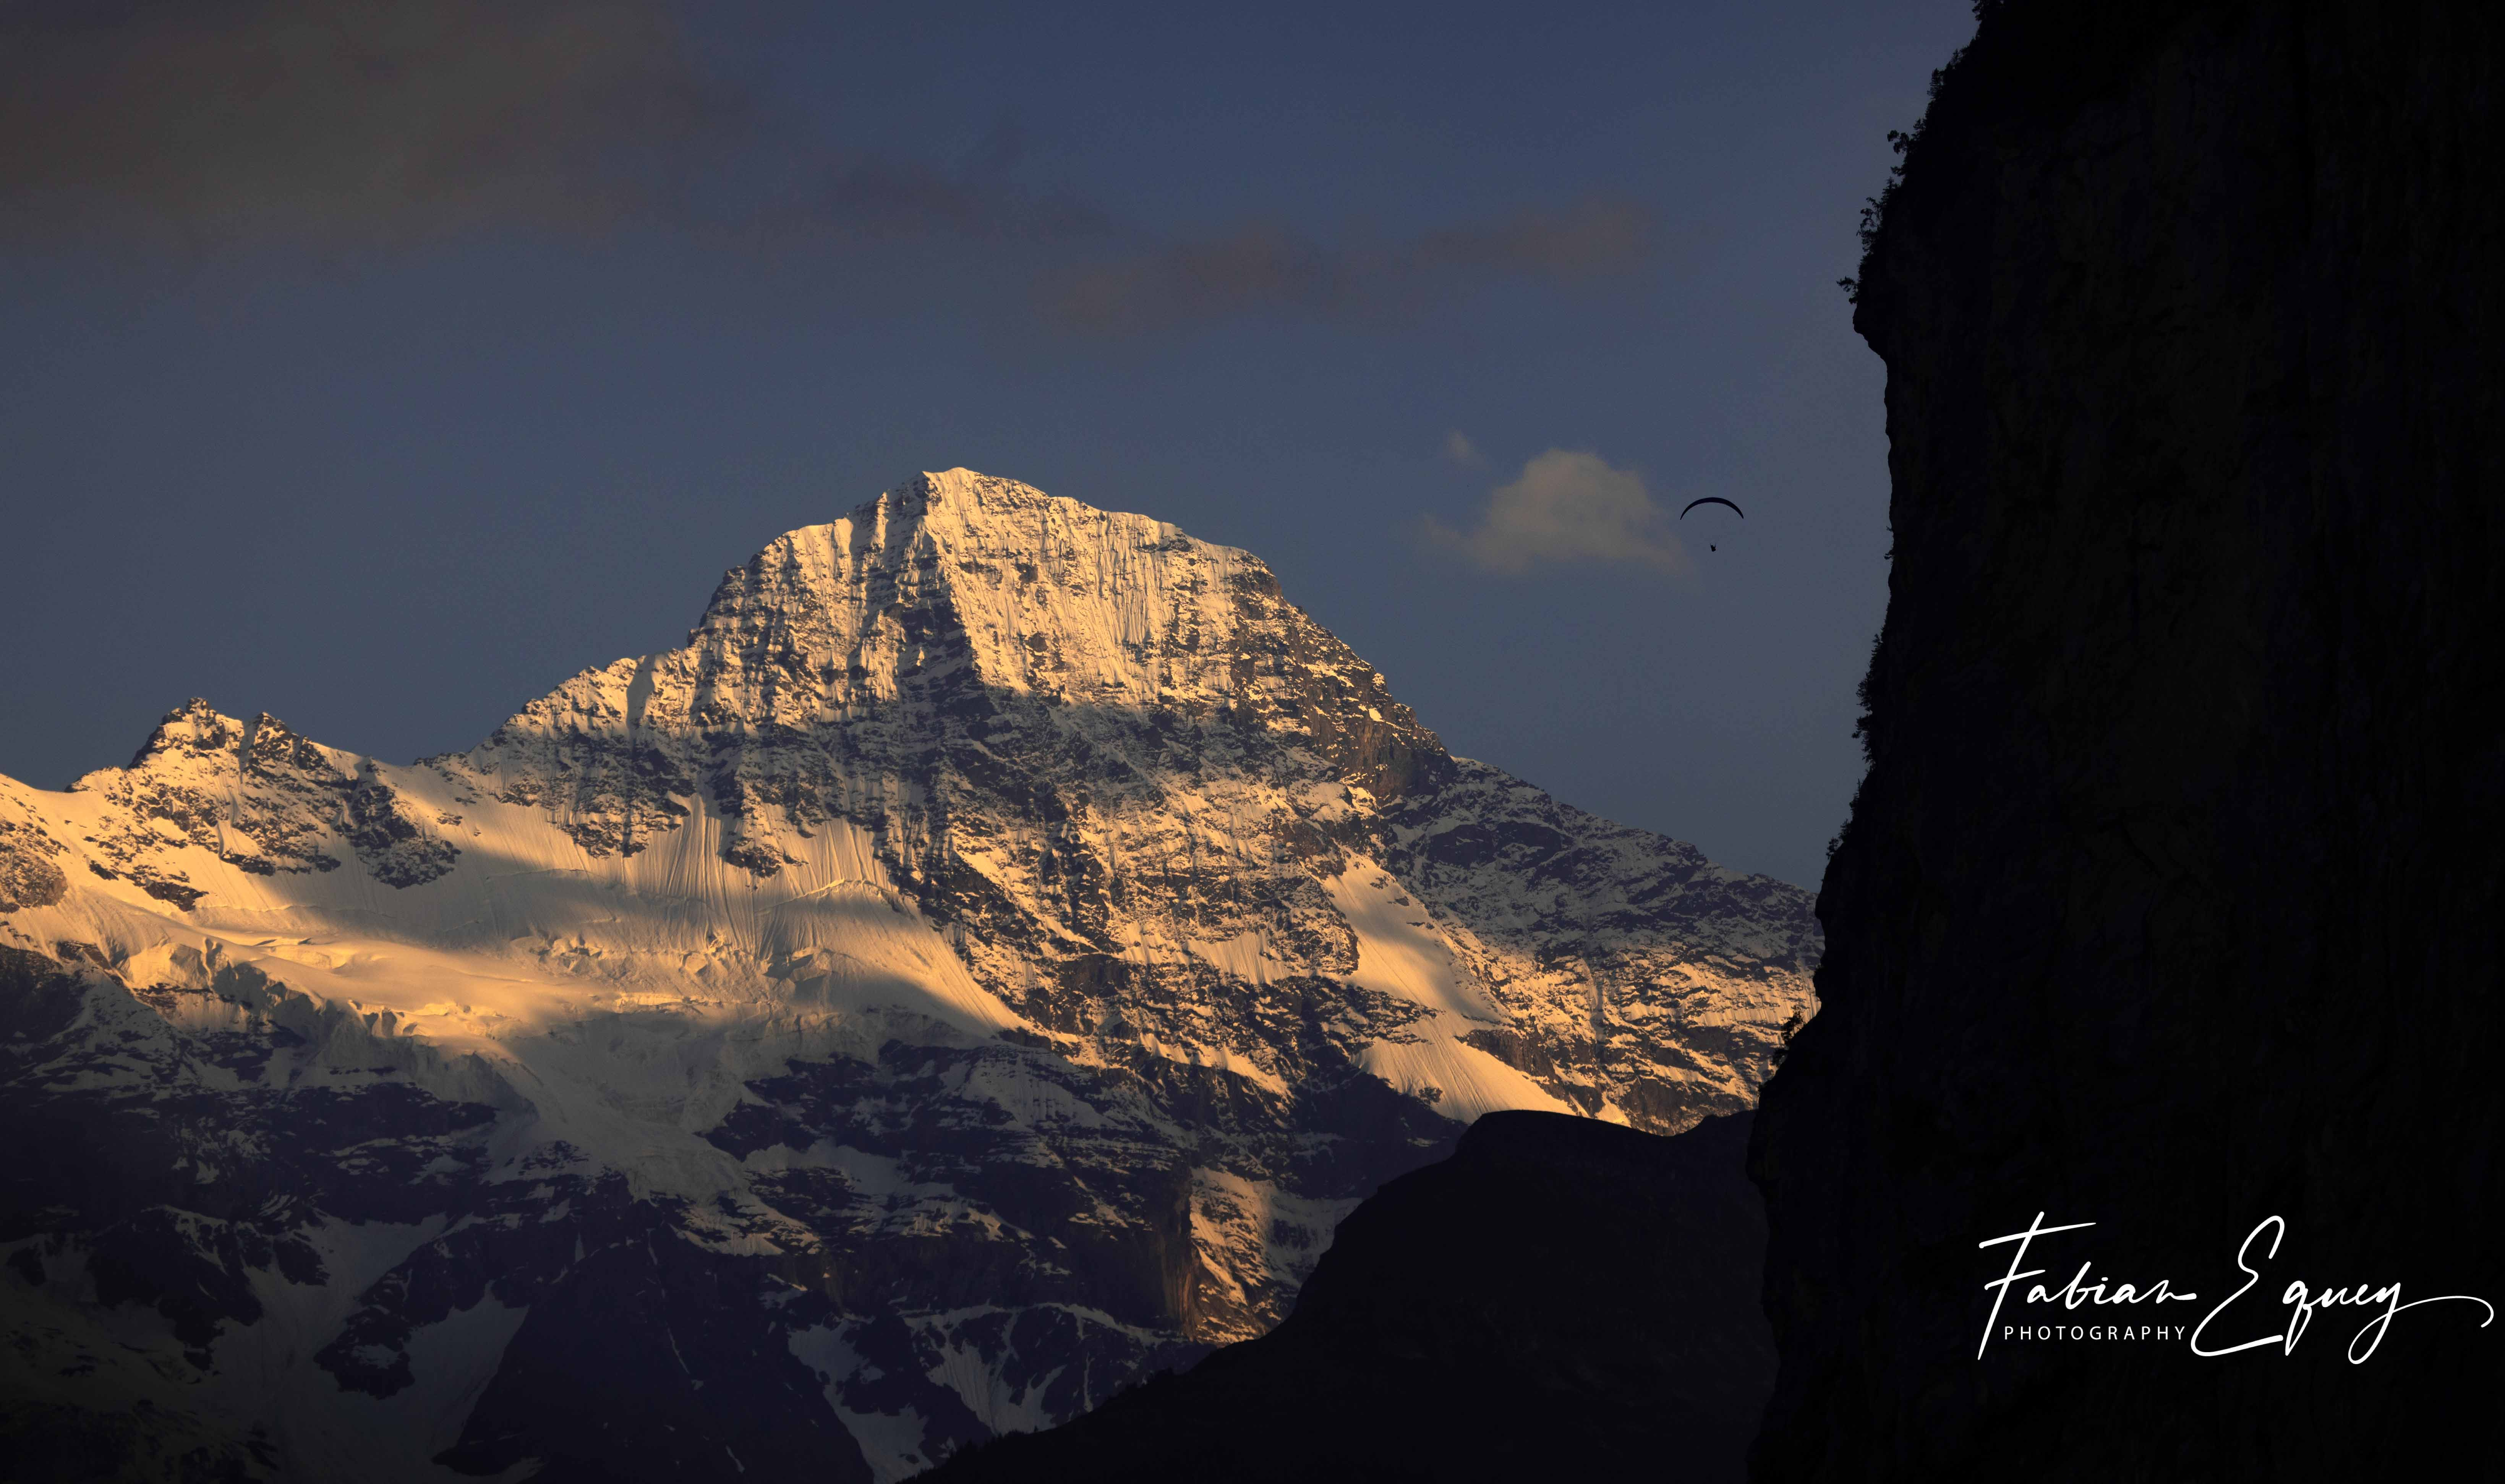 David Geiser, Lauterbrunnen valley.